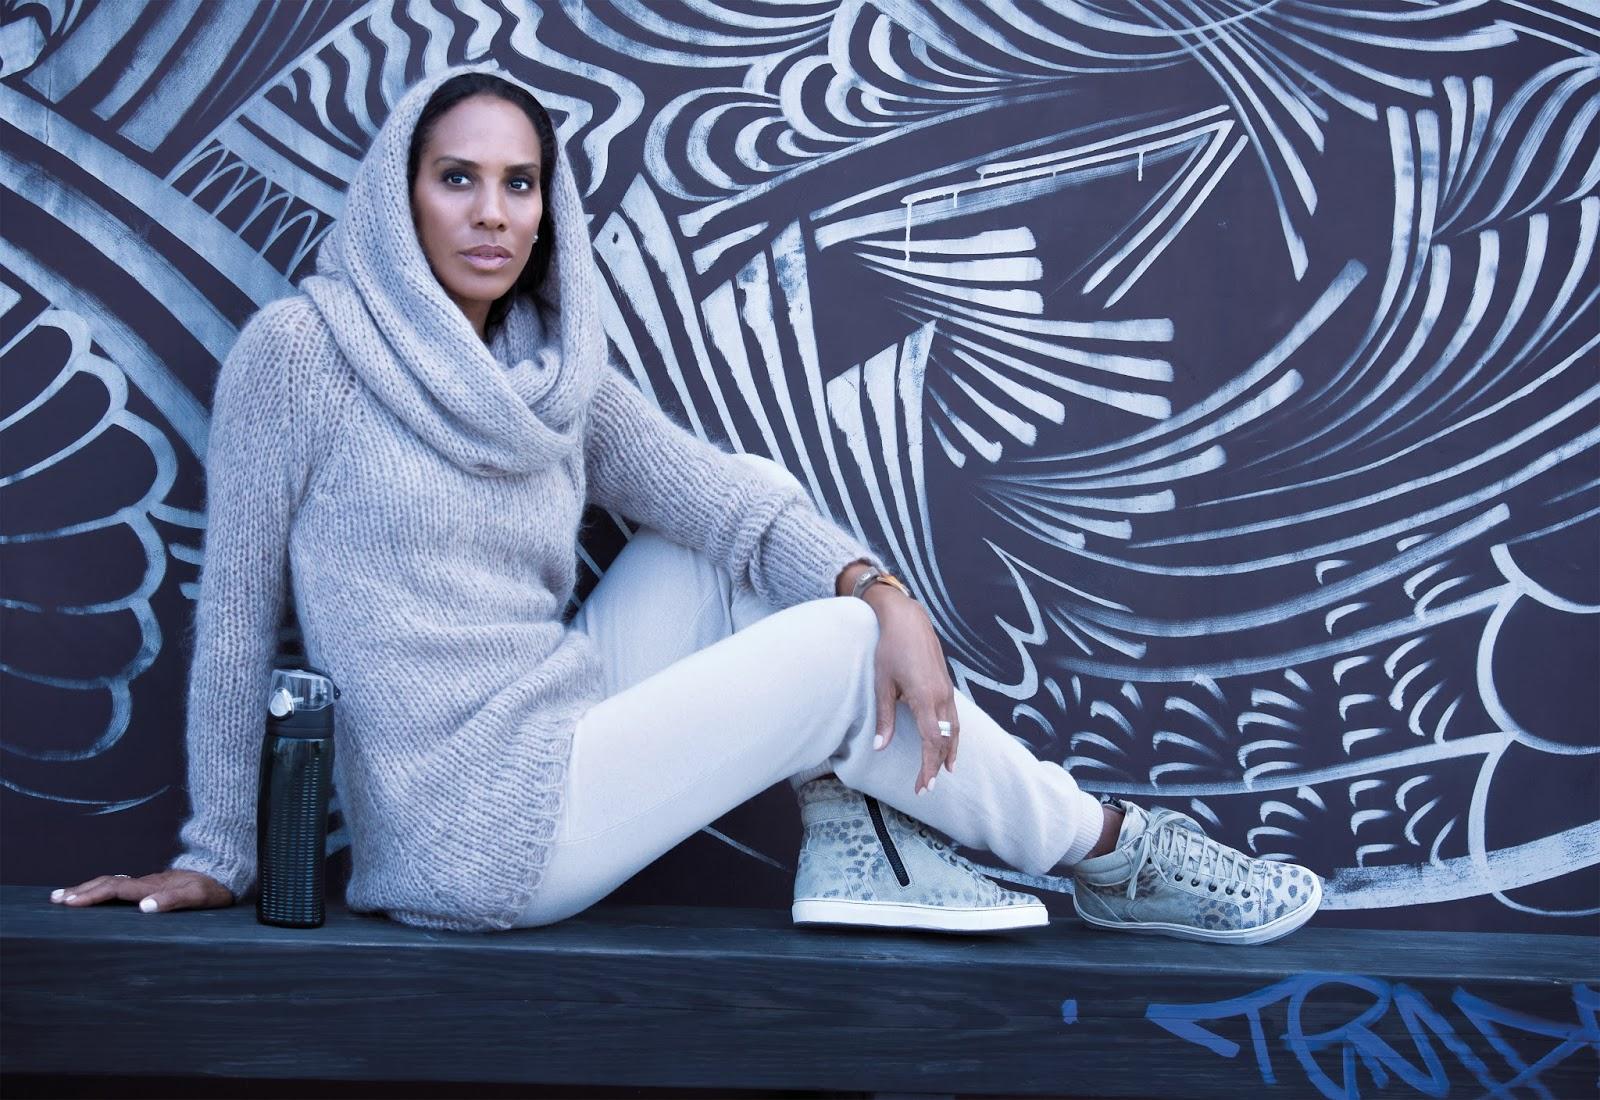 laurus fashiontipps barbara becker geht in ihre zweite herbst winter saison mode f r 2014 15. Black Bedroom Furniture Sets. Home Design Ideas